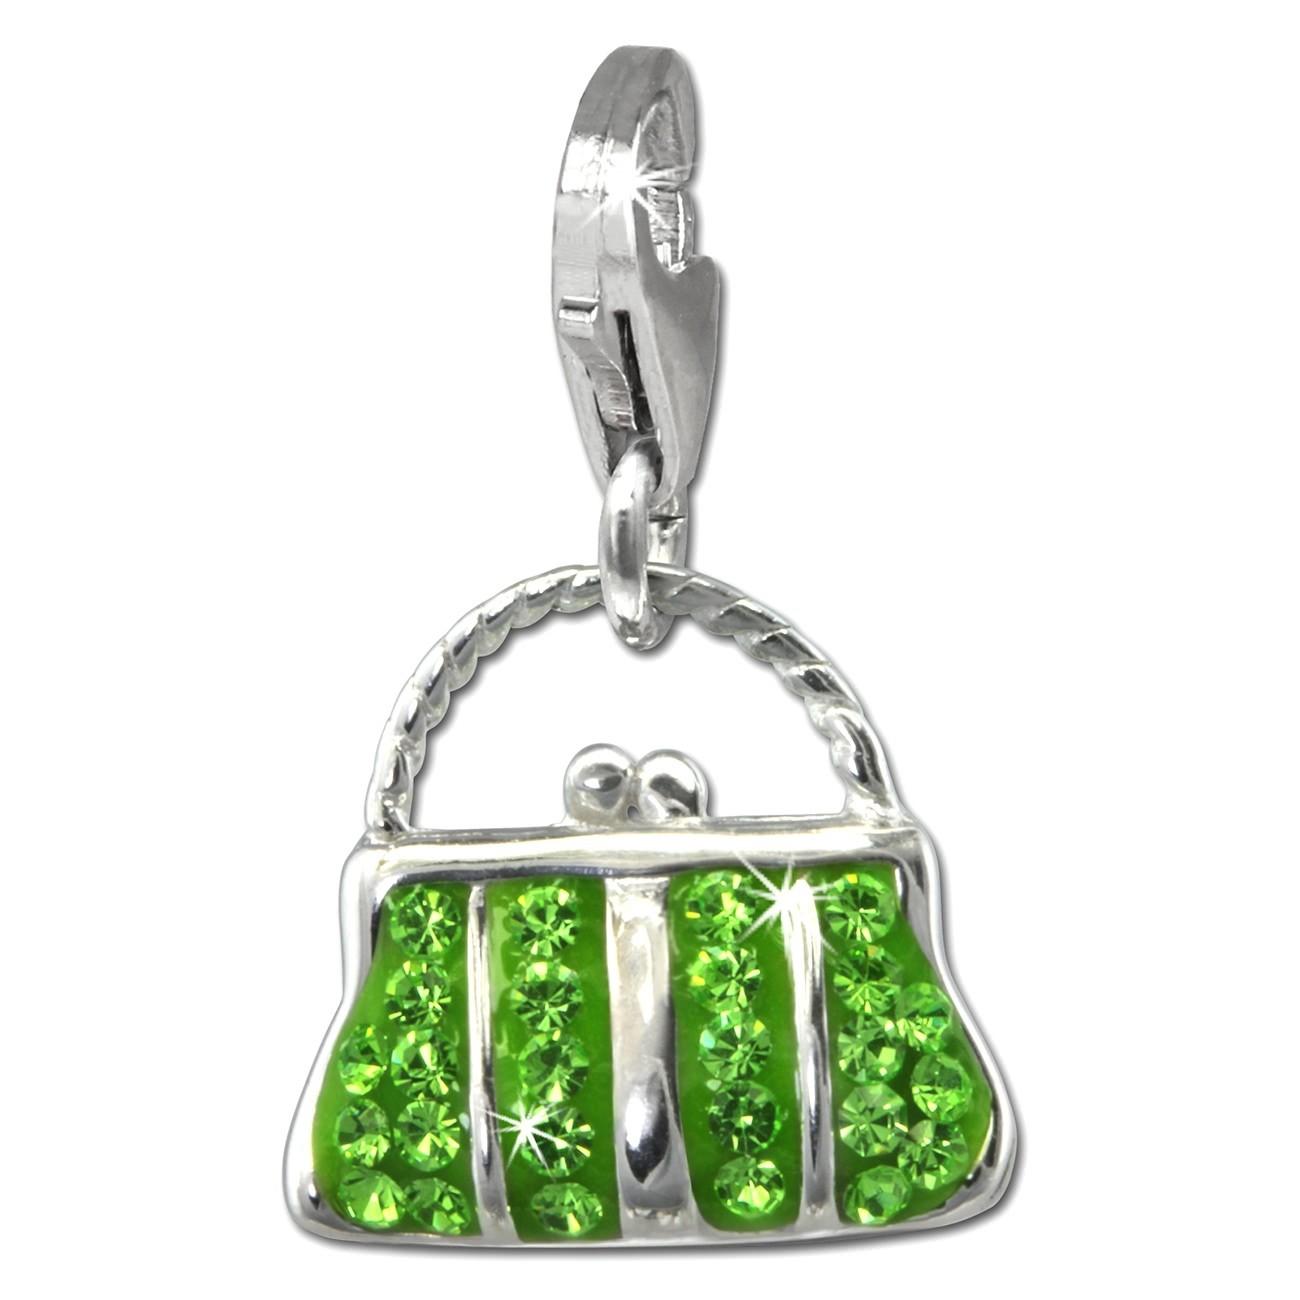 SilberDream Glitzer Charm Tasche groß hellgrün Zirkonia Kristalle GSC559L